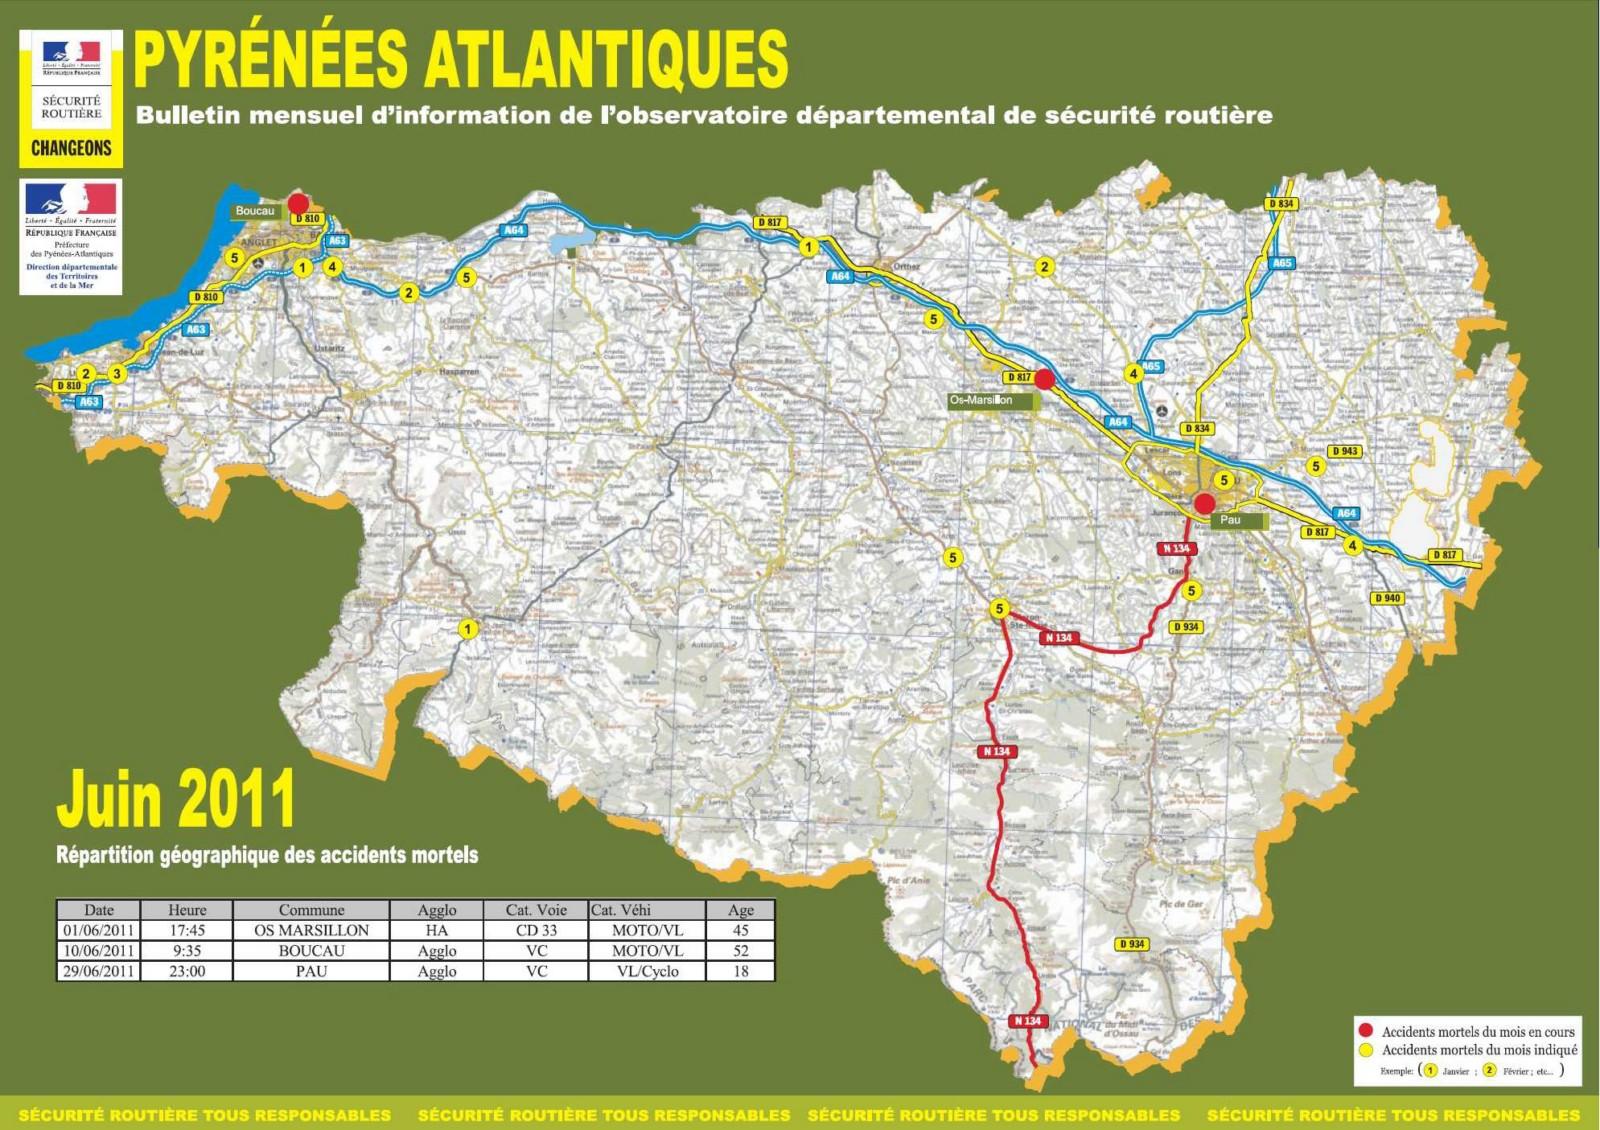 L'Accidentologie en Juin 2011 dans les Pyrénées-Atlantiques